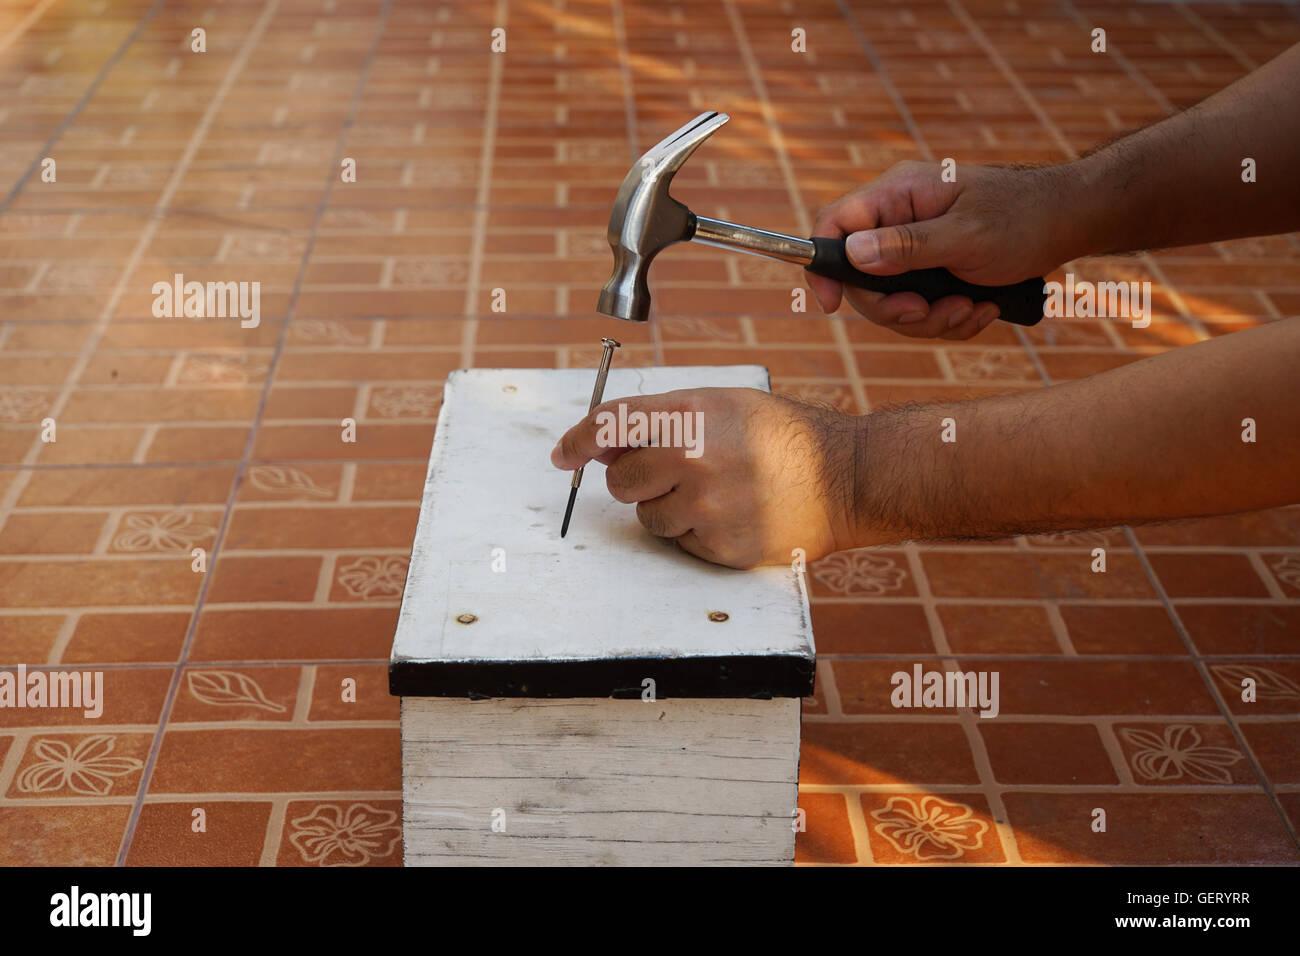 Carpenter supprimera l'ongle avec un marteau sur le bois blanc Banque D'Images